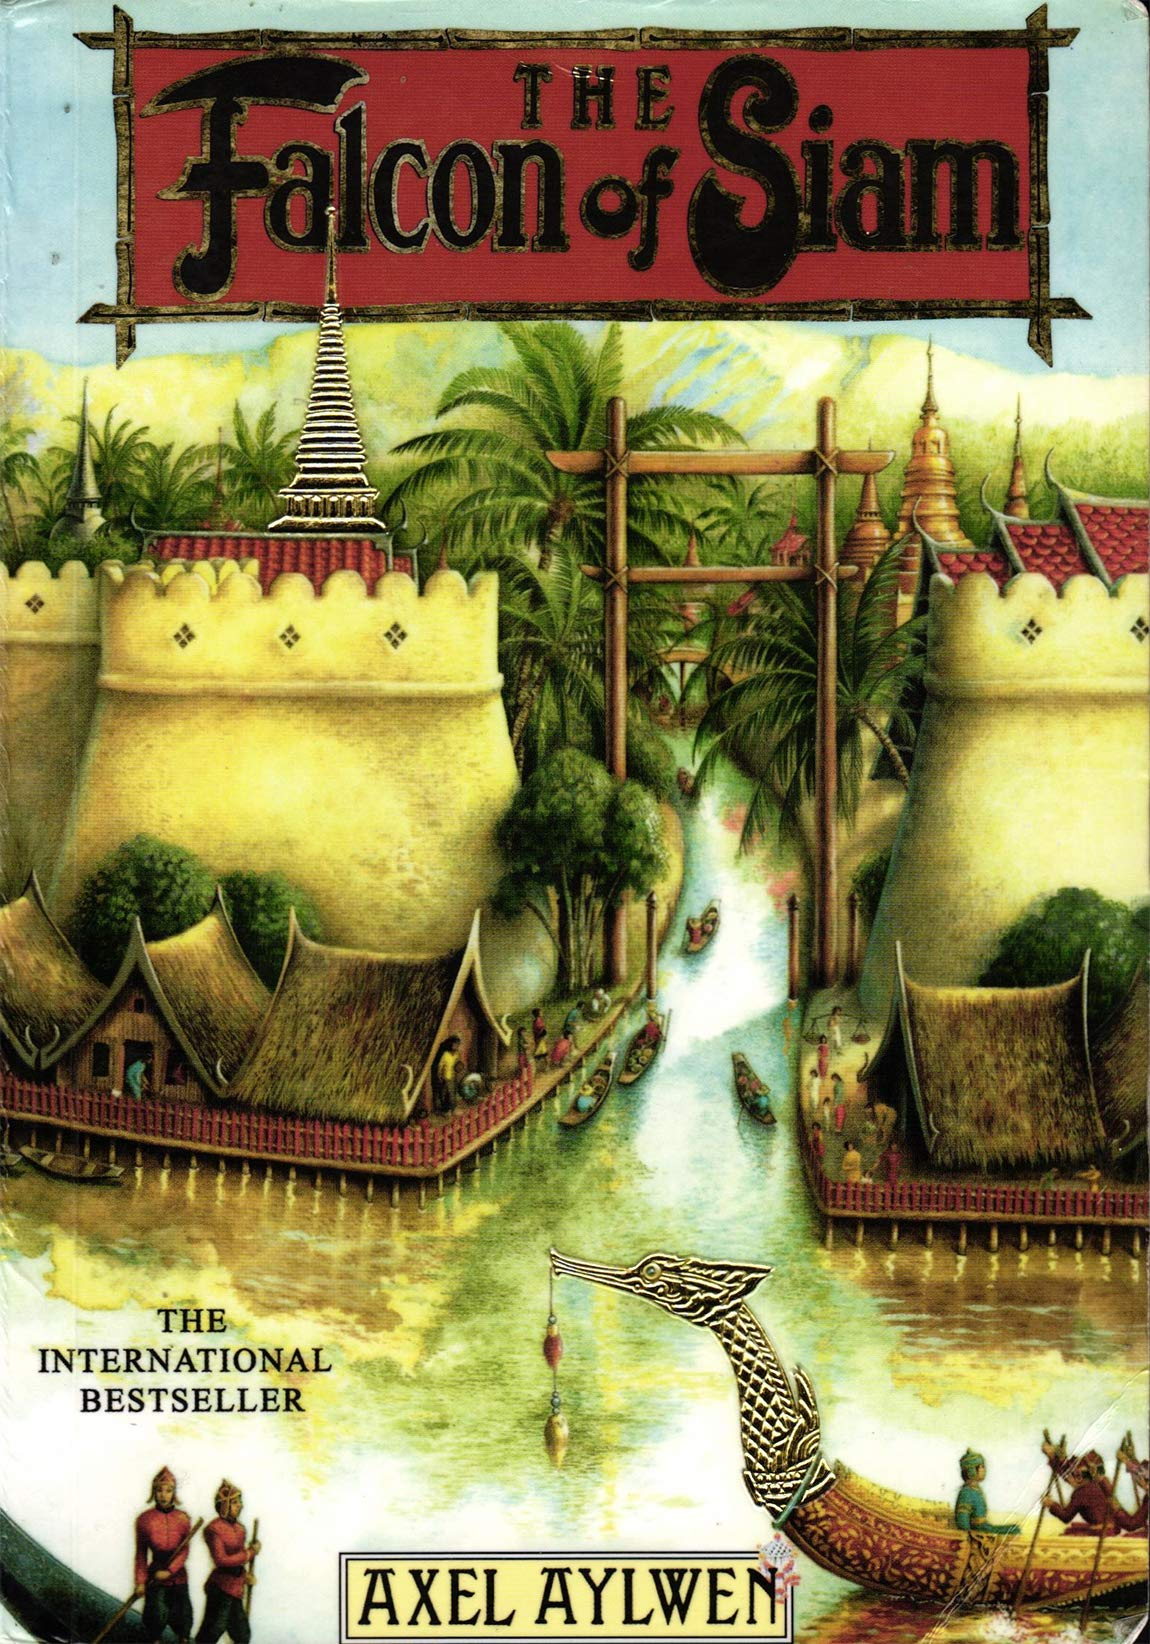 The Falcon of Siam (The Falcon Series Book 1)